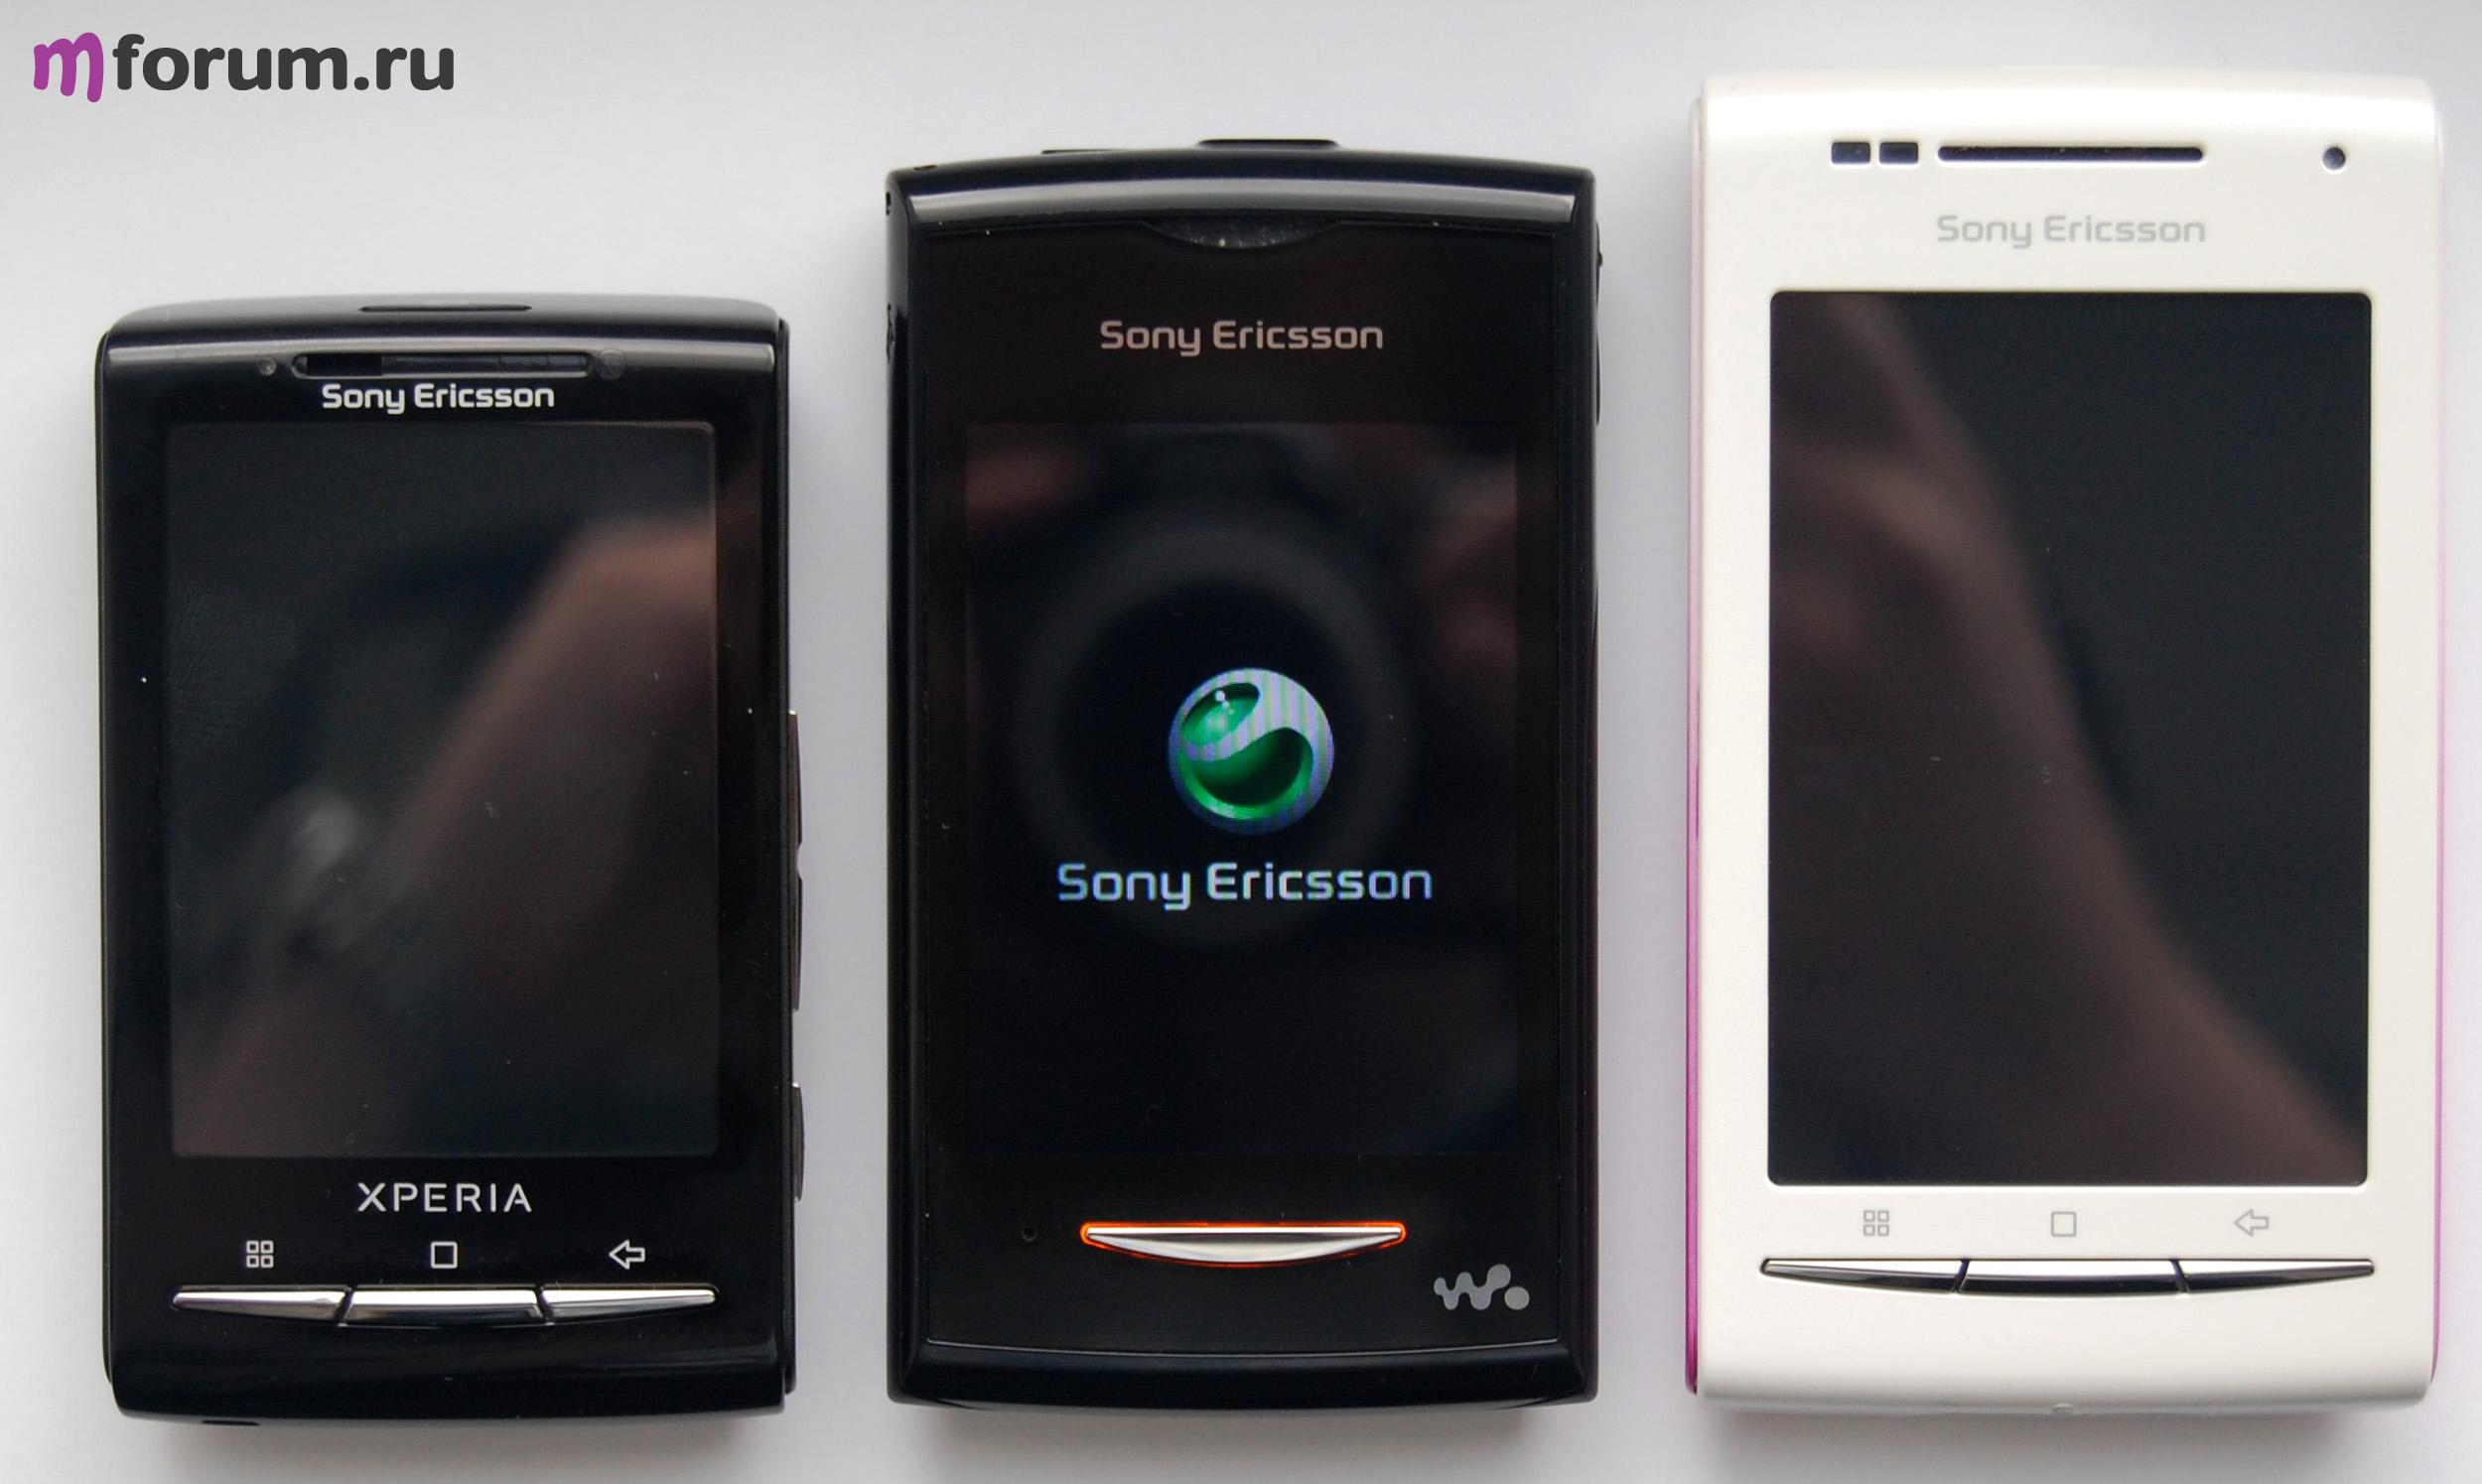 Программный ремонт телефонов sony ericsson платформы pda